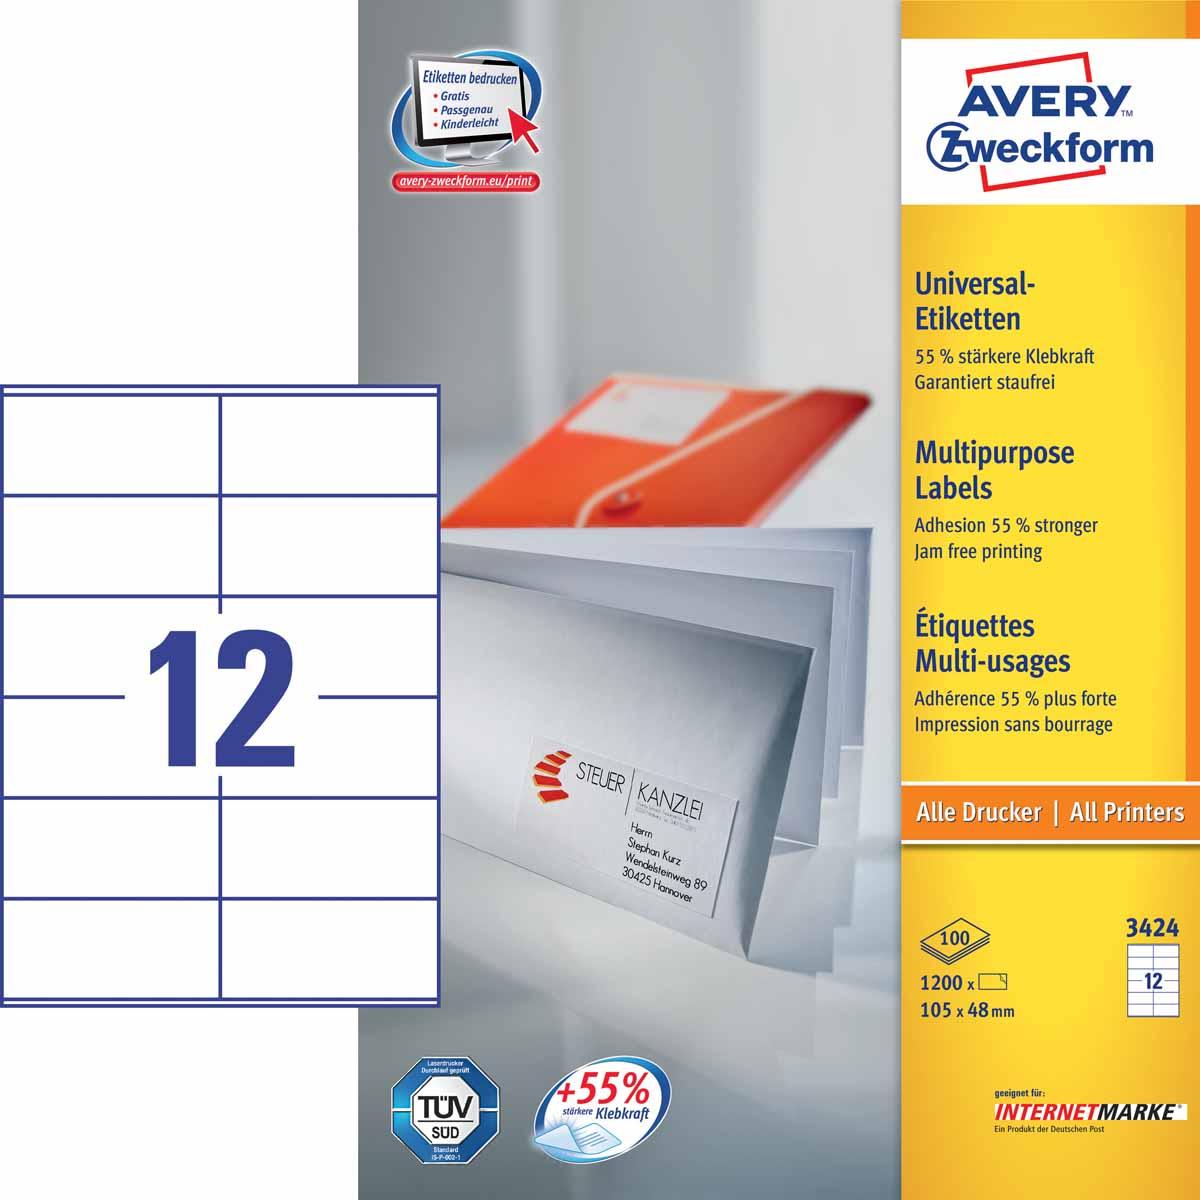 Avery Zweckform Этикетки самоклеящиеся универсальные 105 х 48 мм 1200 шт 100 листов